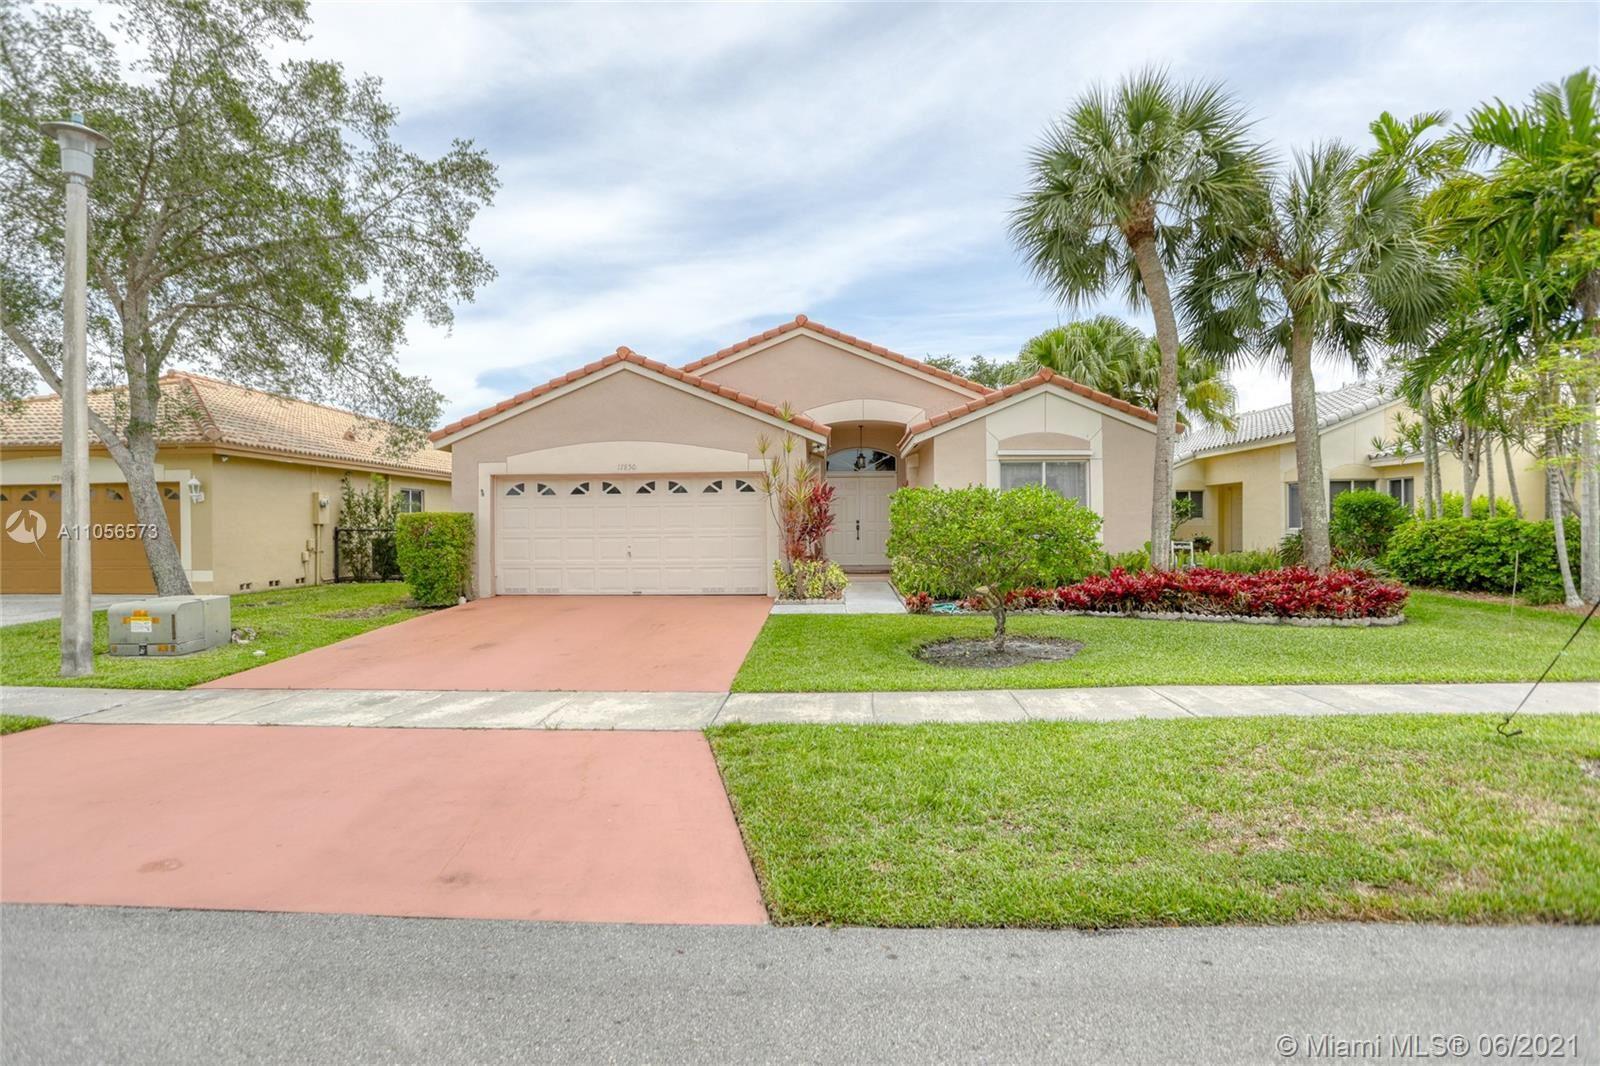 17850 NW 19th St, Pembroke Pines, FL 33029 - #: A11056573